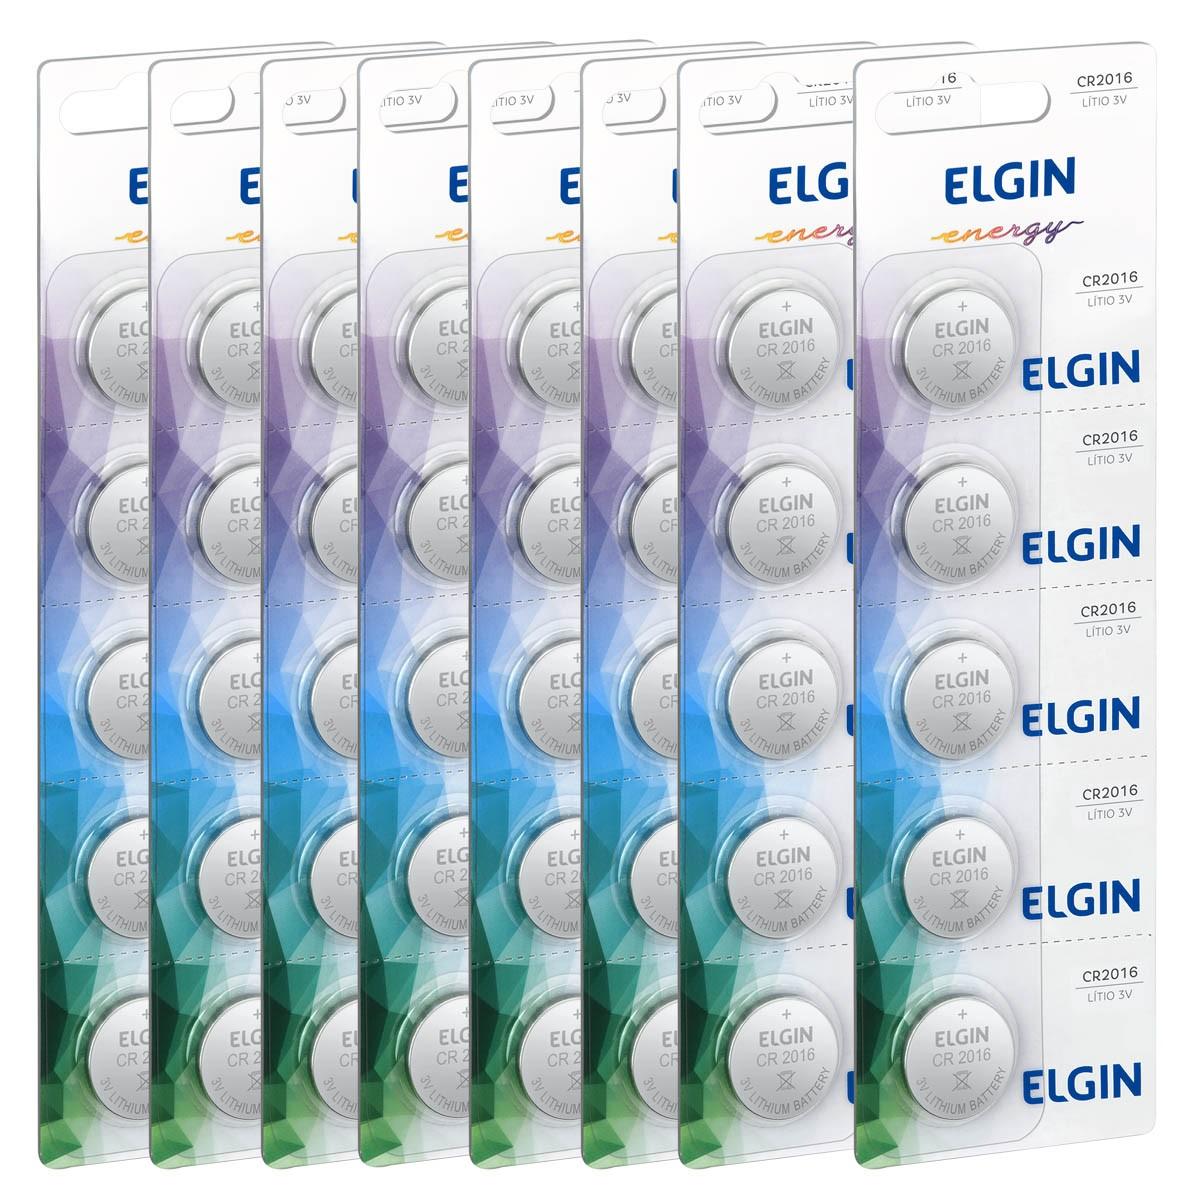 40 Baterias Pilhas Lithium 3V Elgin CR2016 8 cartela